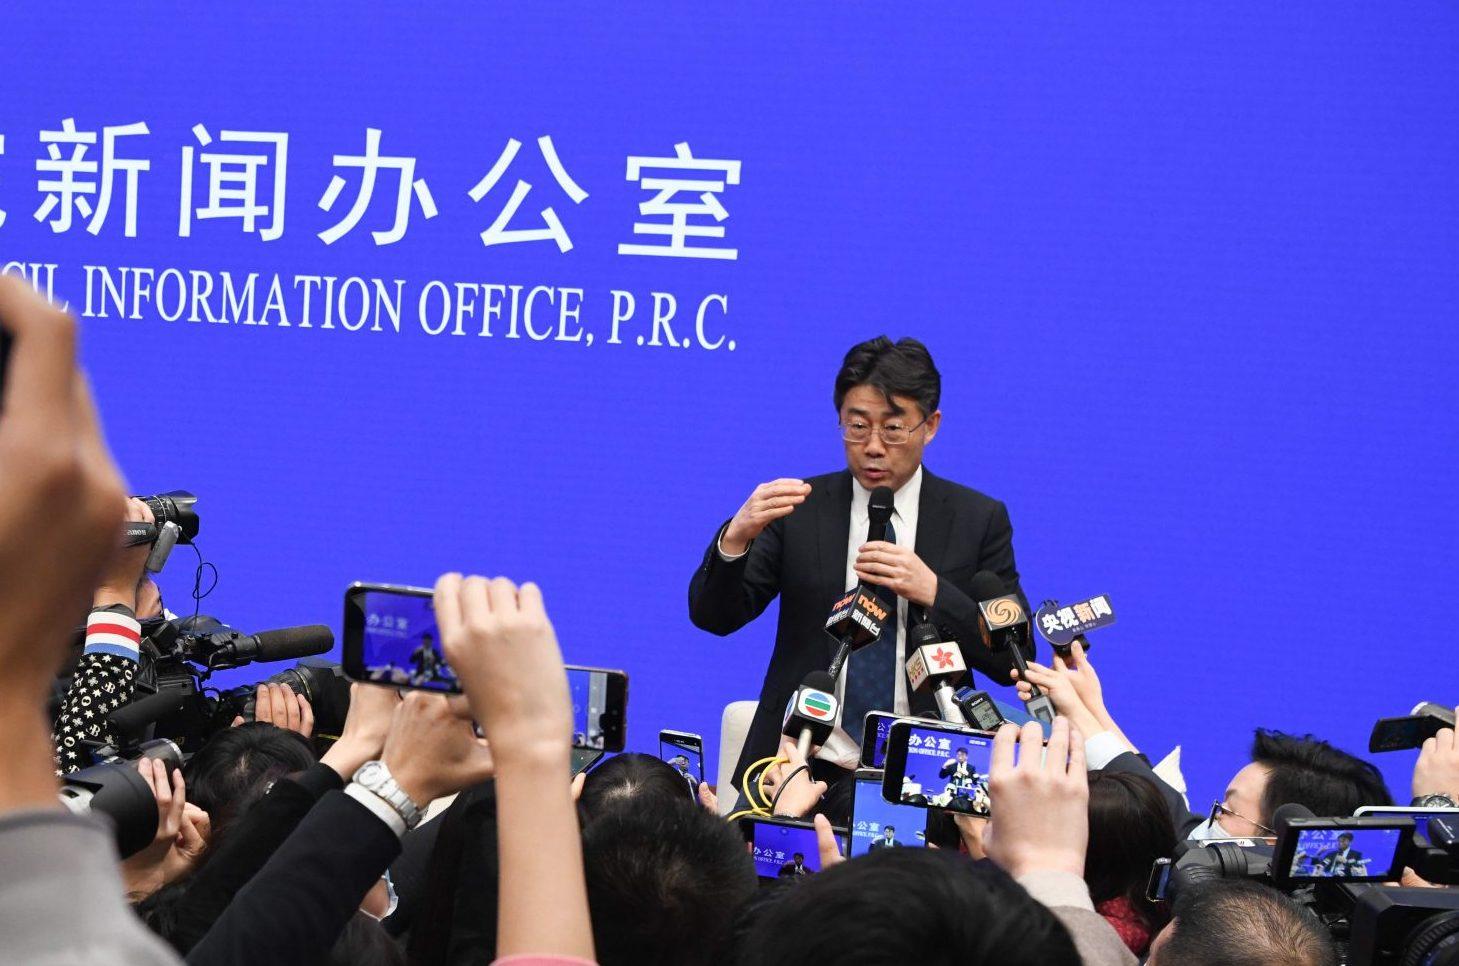 """Das Web fragt sich: """"Wieso ist eigentlich der Leiter der chinesischen Seuchenschutzbehörde Mitglied der Leopoldina?"""""""